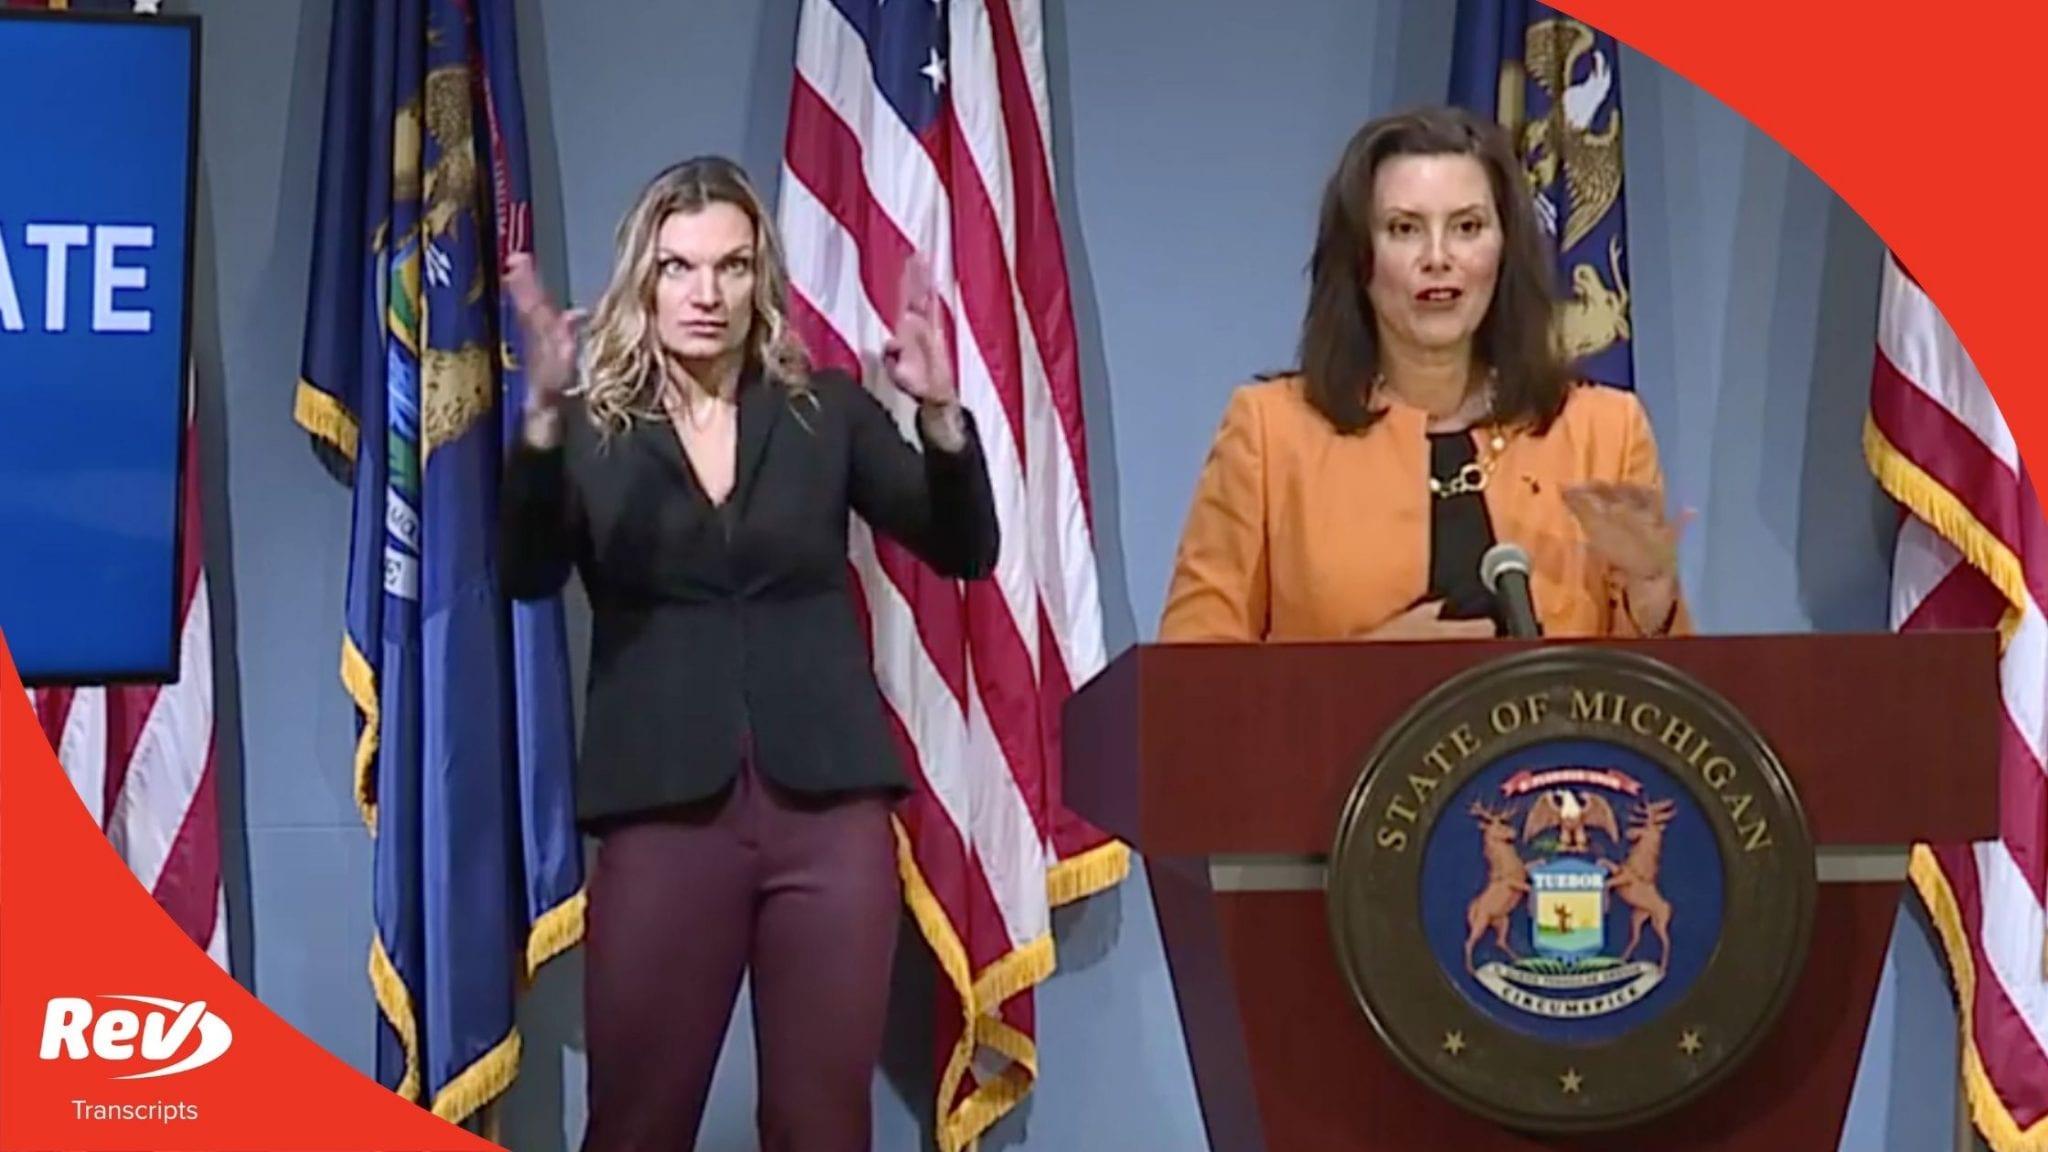 Michigan Governor Gretchen Whitmer Press Conference Transcript August 19